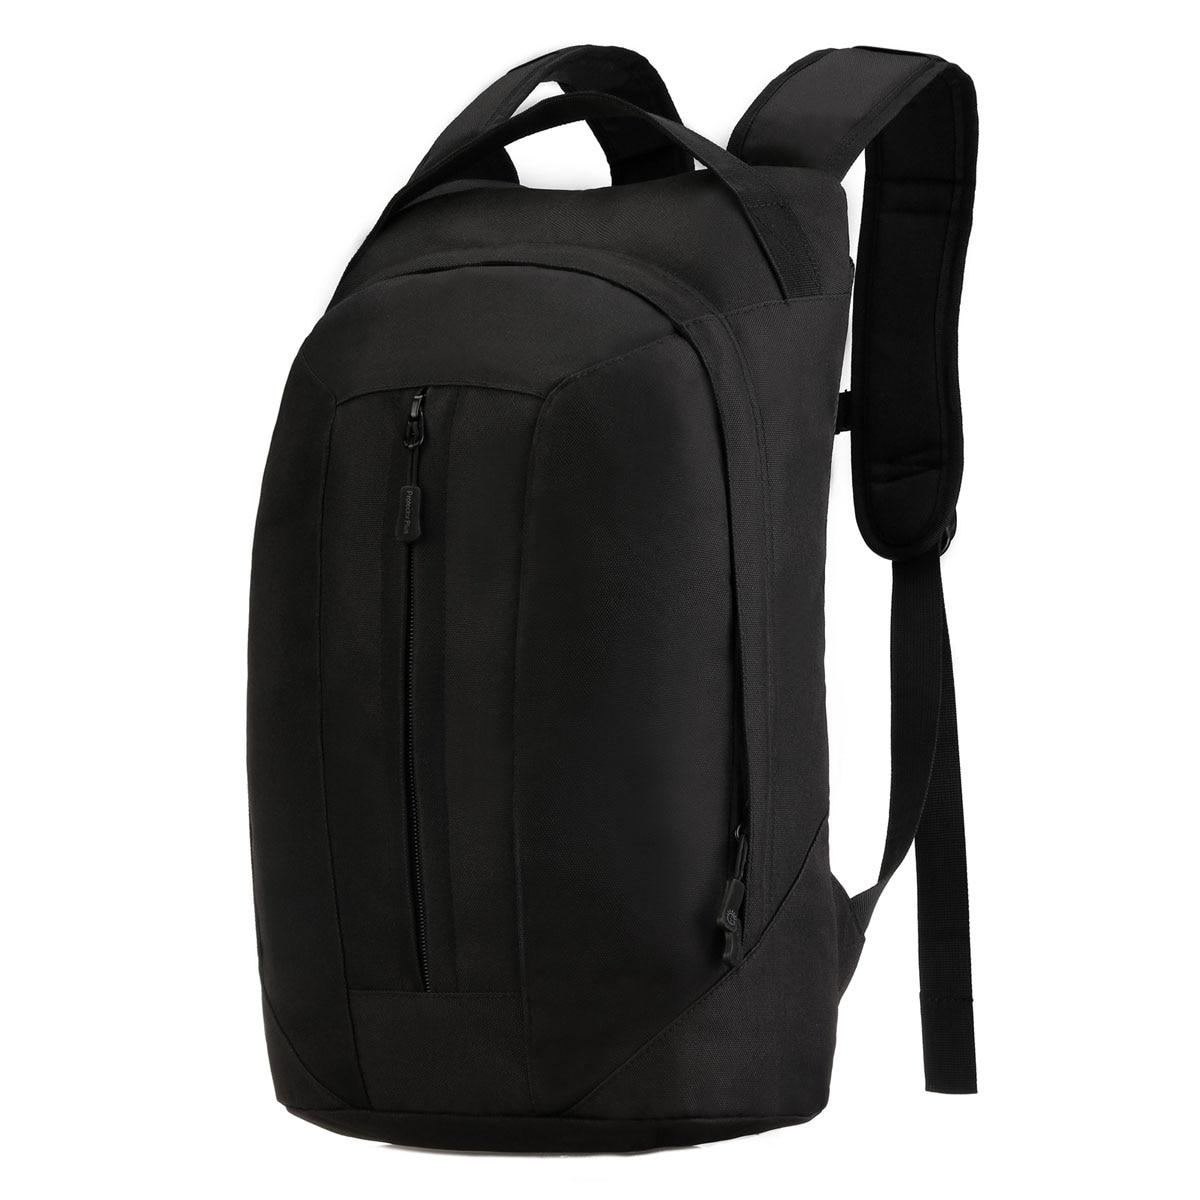 All'aperto protezione 25l Campeggio Borse black Per Zaini Caccia Desert Sportiva brown Borsa Zaino Escursione Di S424 Digital Jhd Più EtdSqt